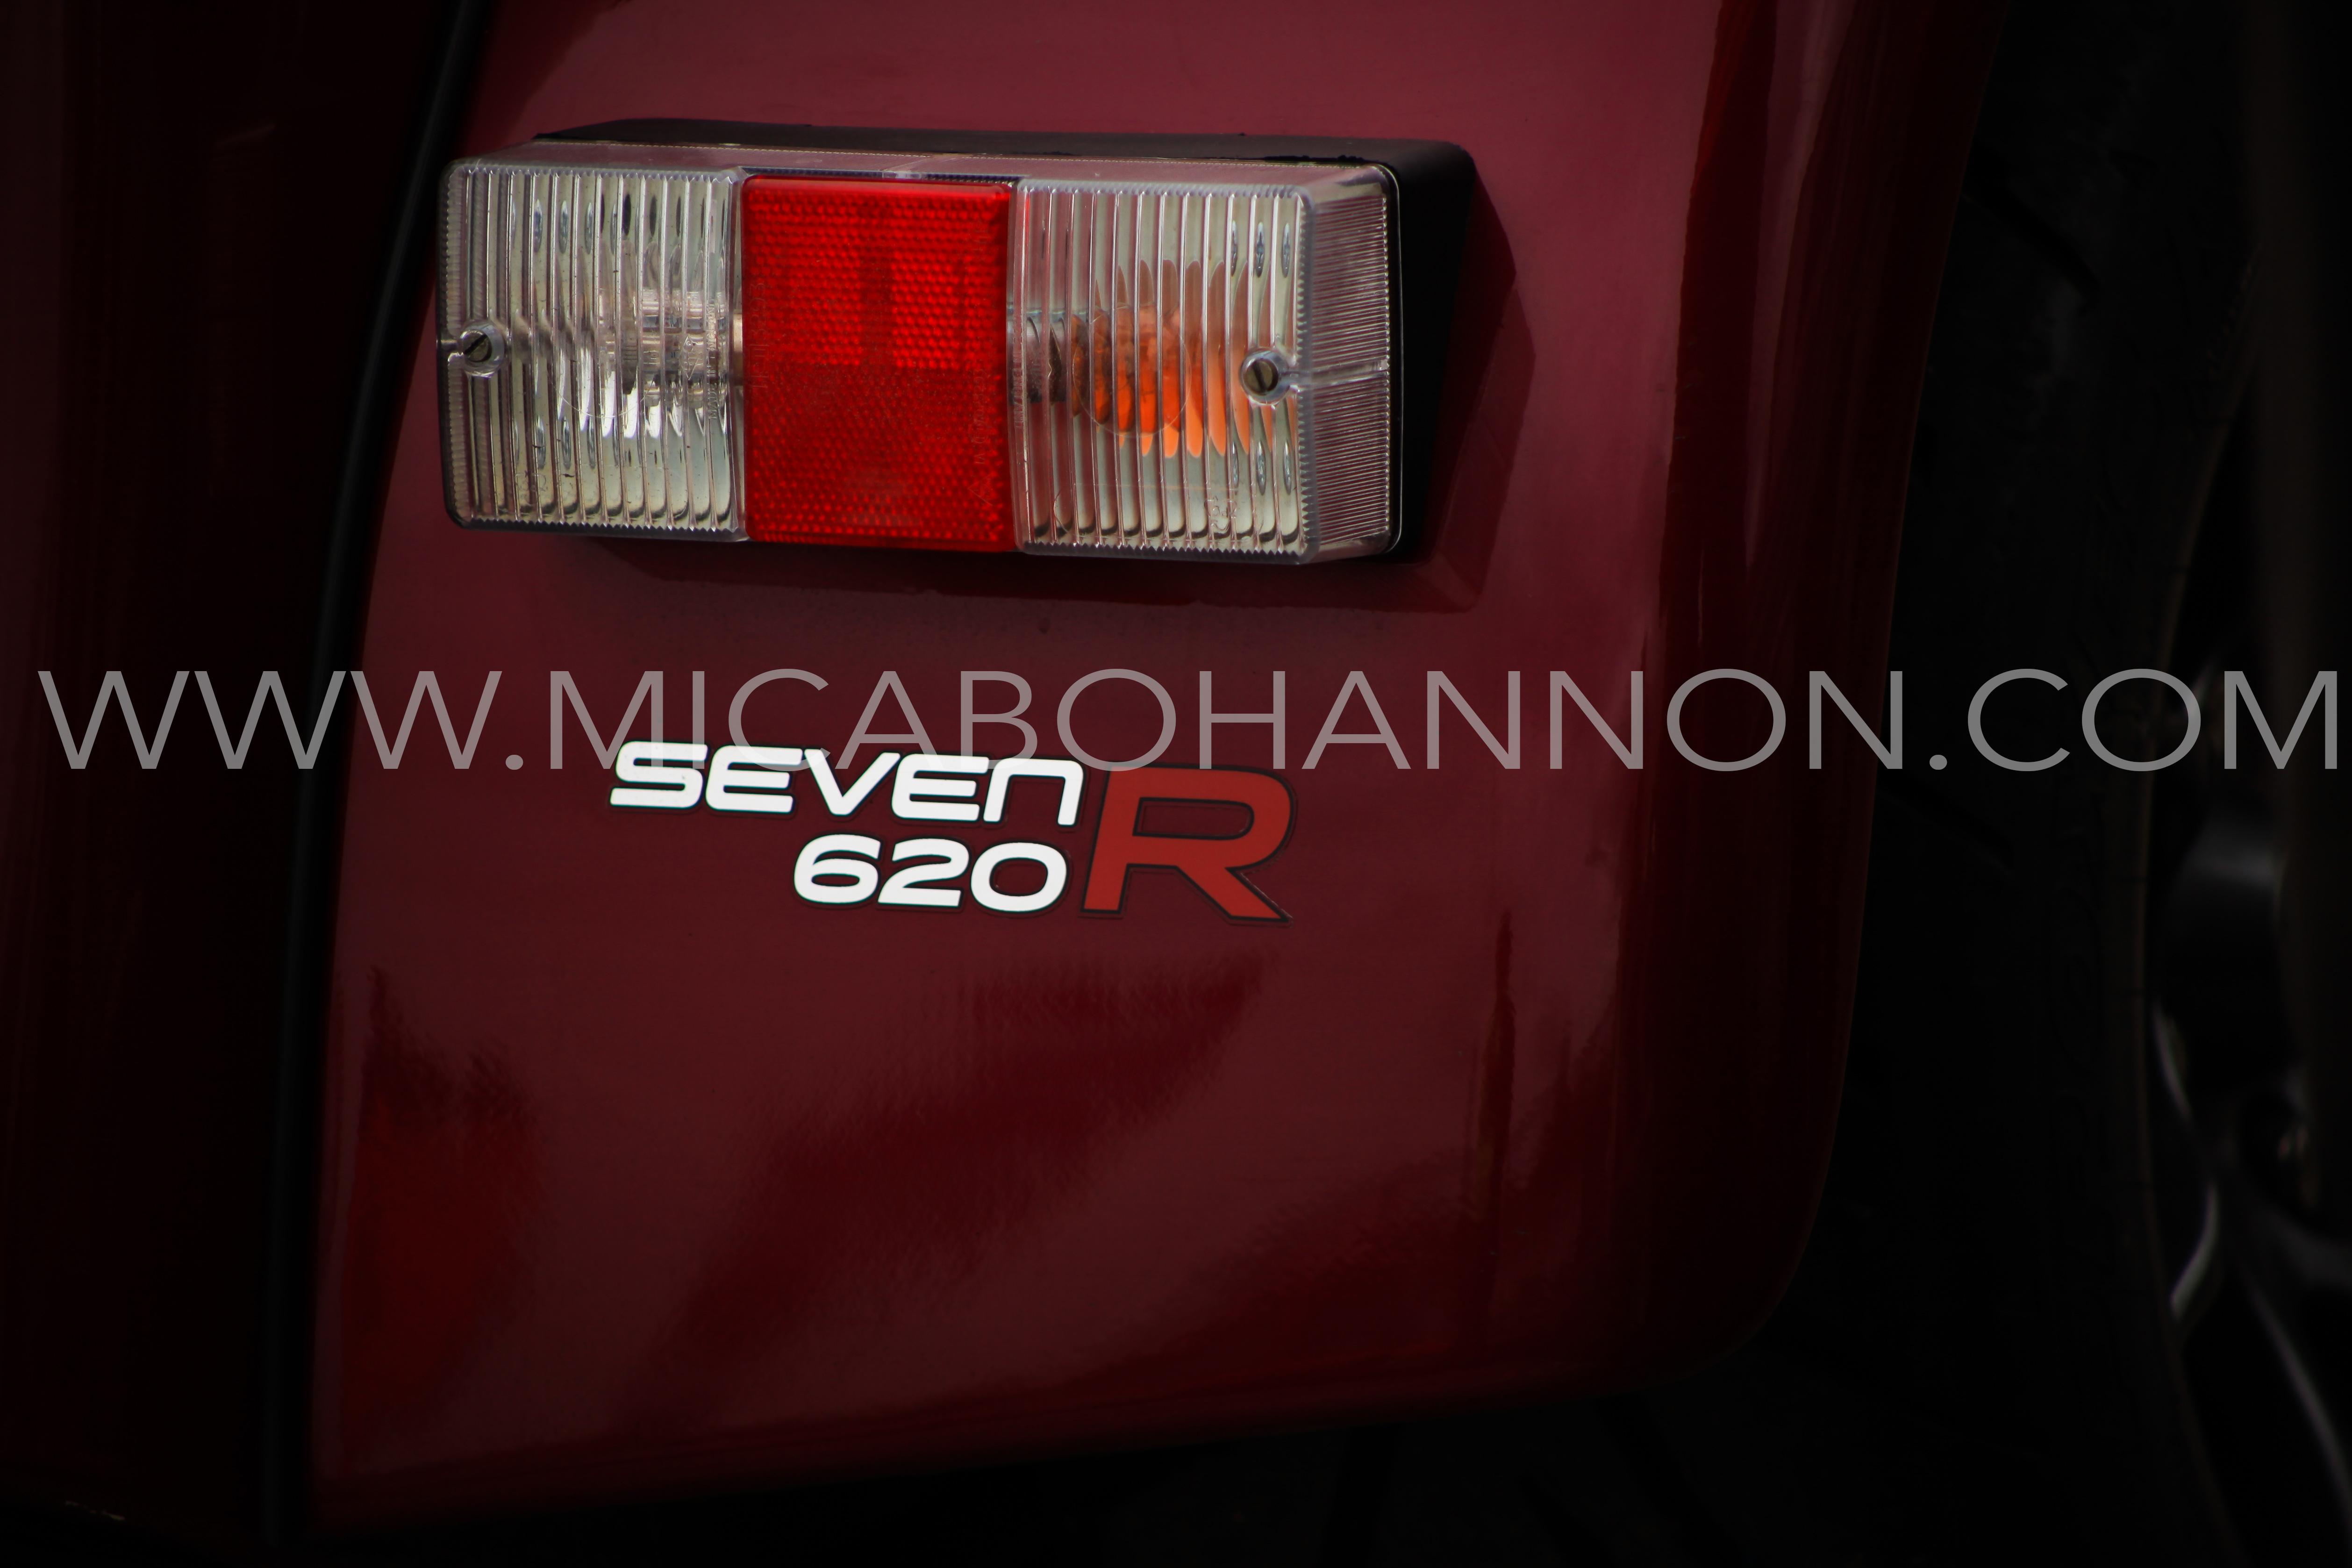 seven 620 R